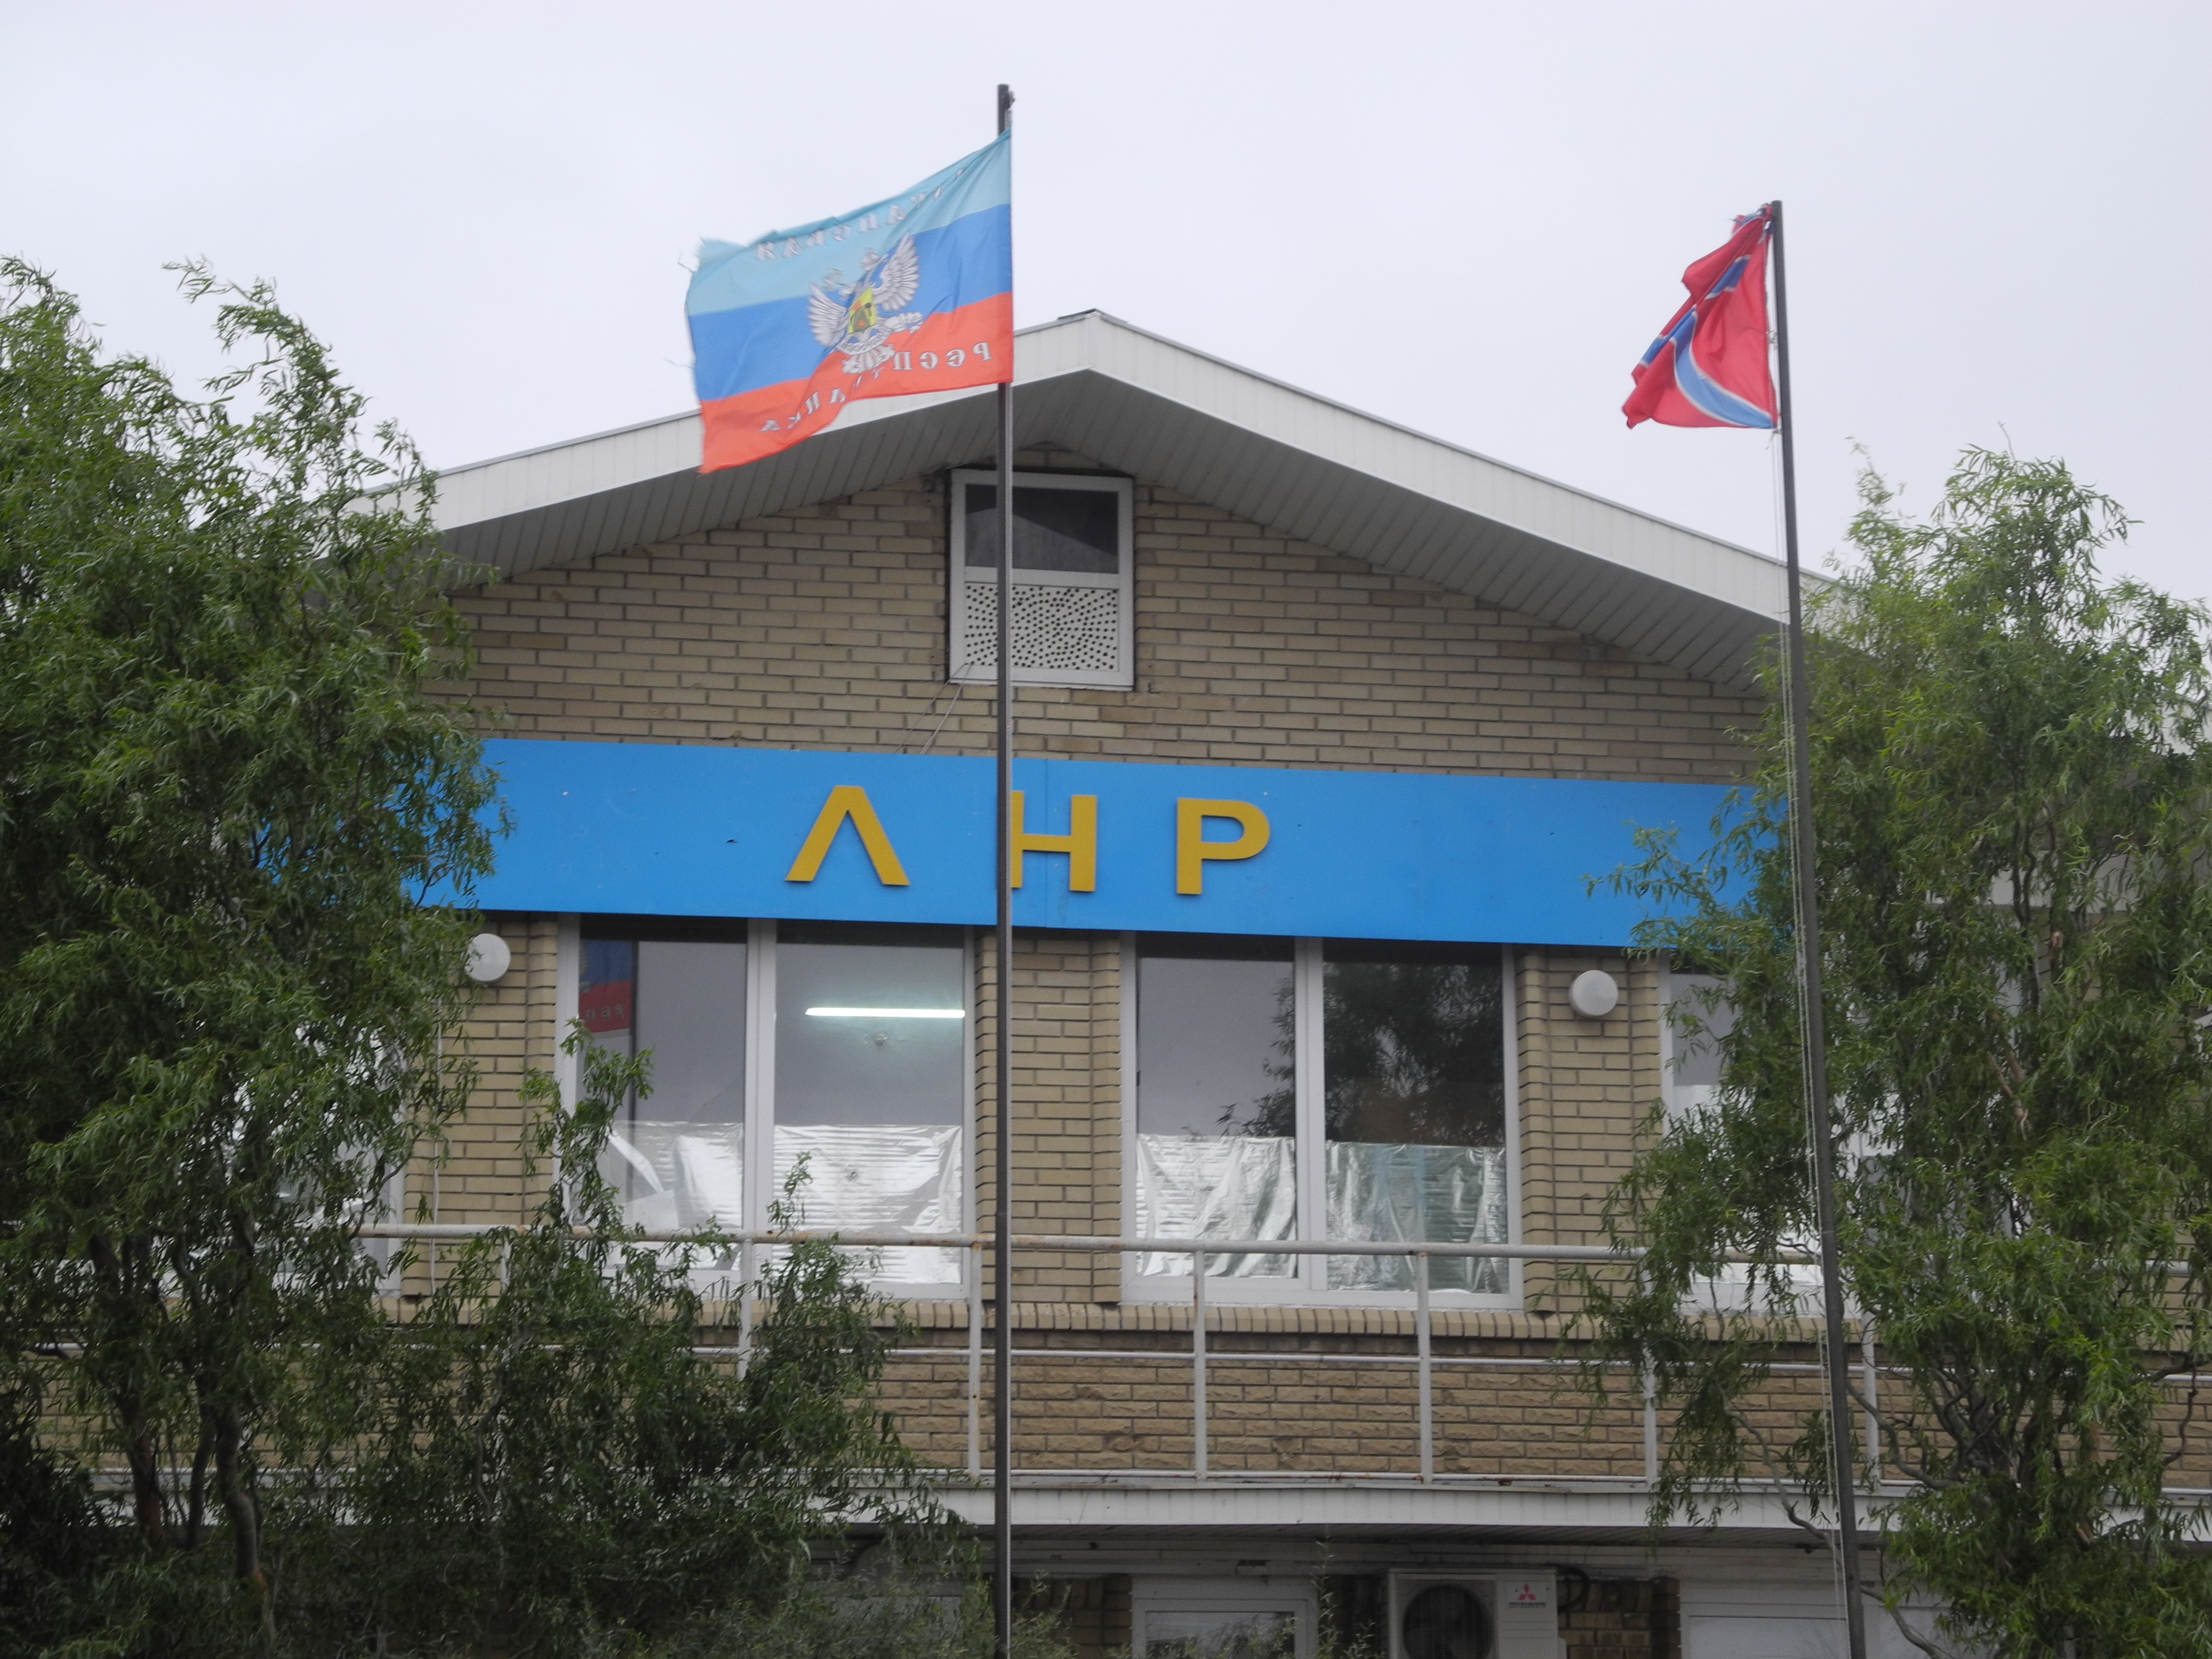 Мы пересекли границу Луганской народной республики. Фото: Александр ГРИШИН